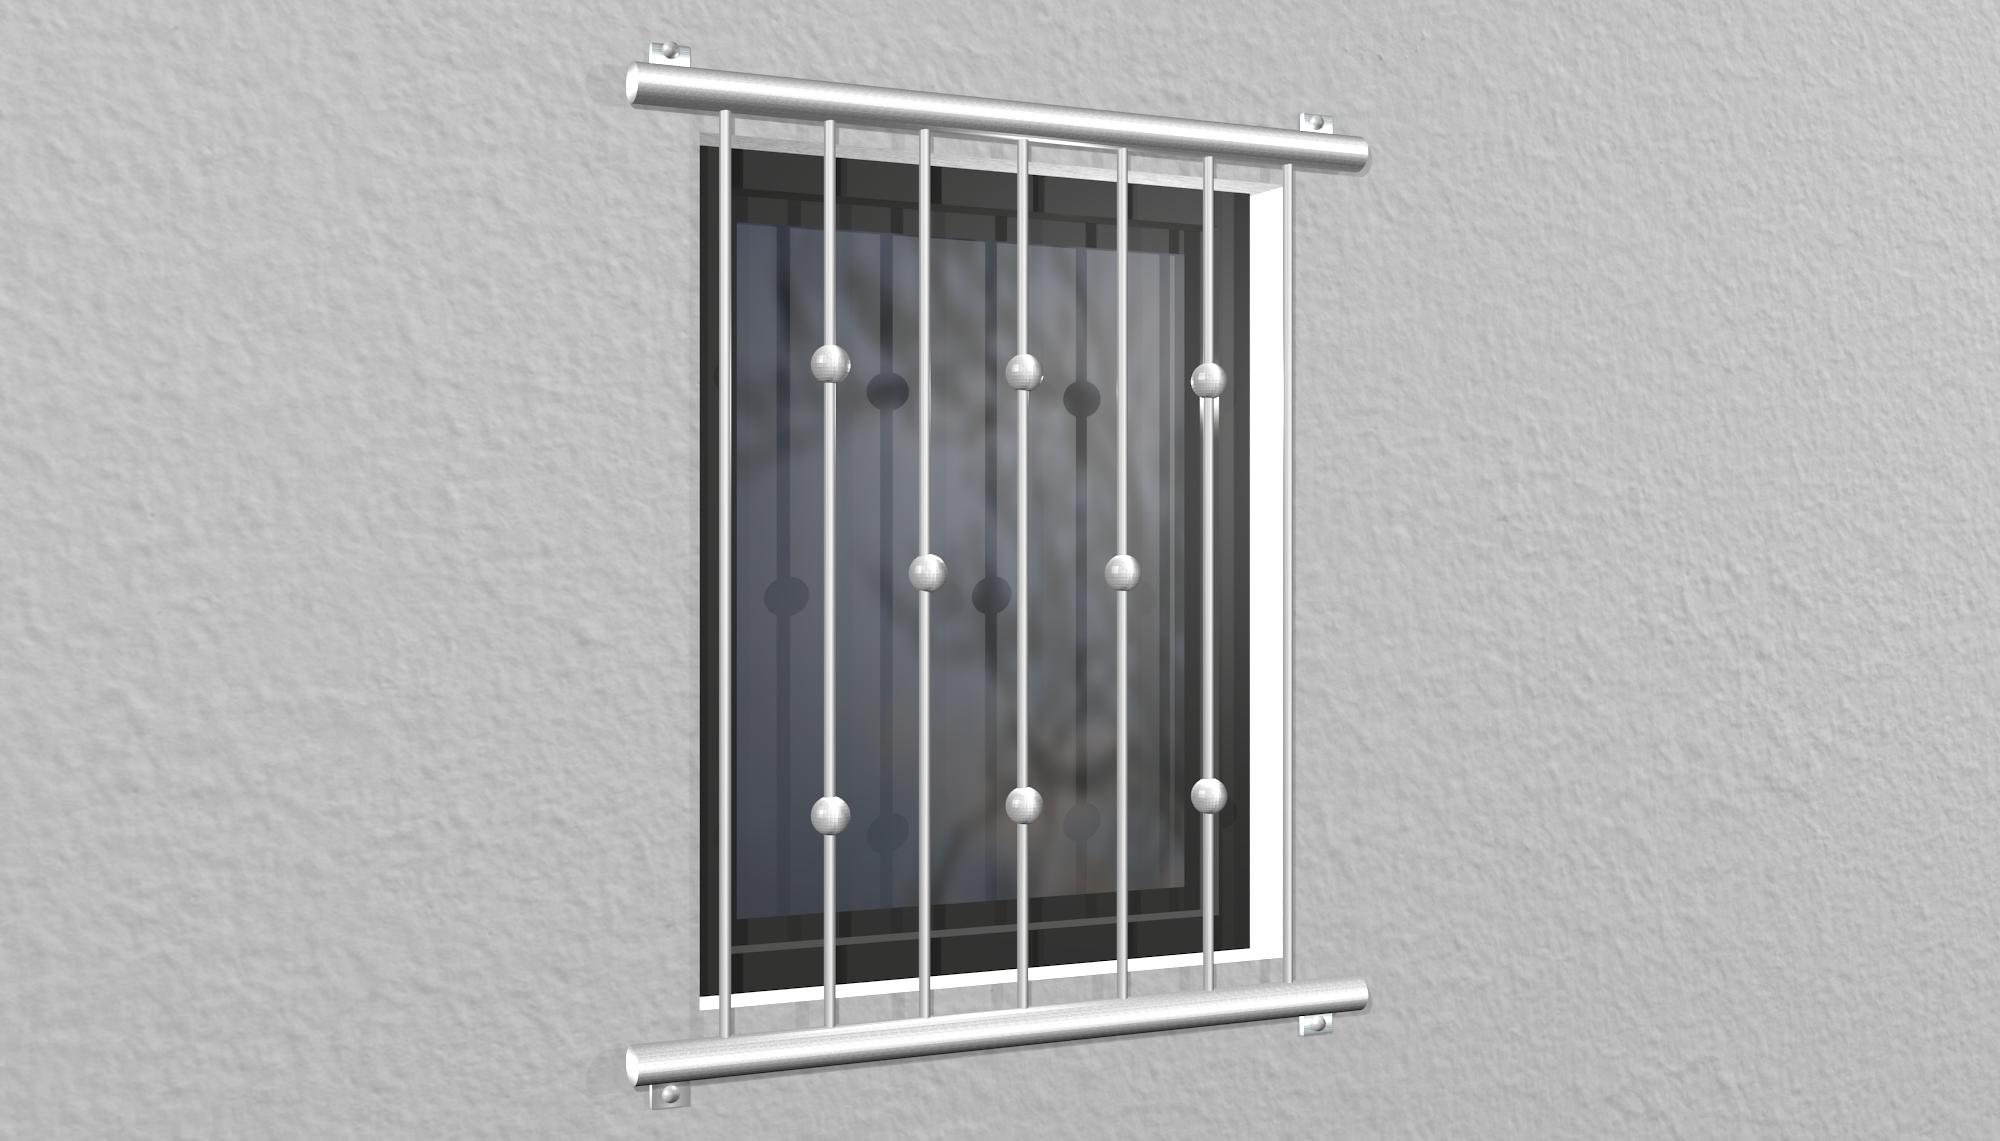 Fenstergitter Edelstahl Kugeln versetzt 2